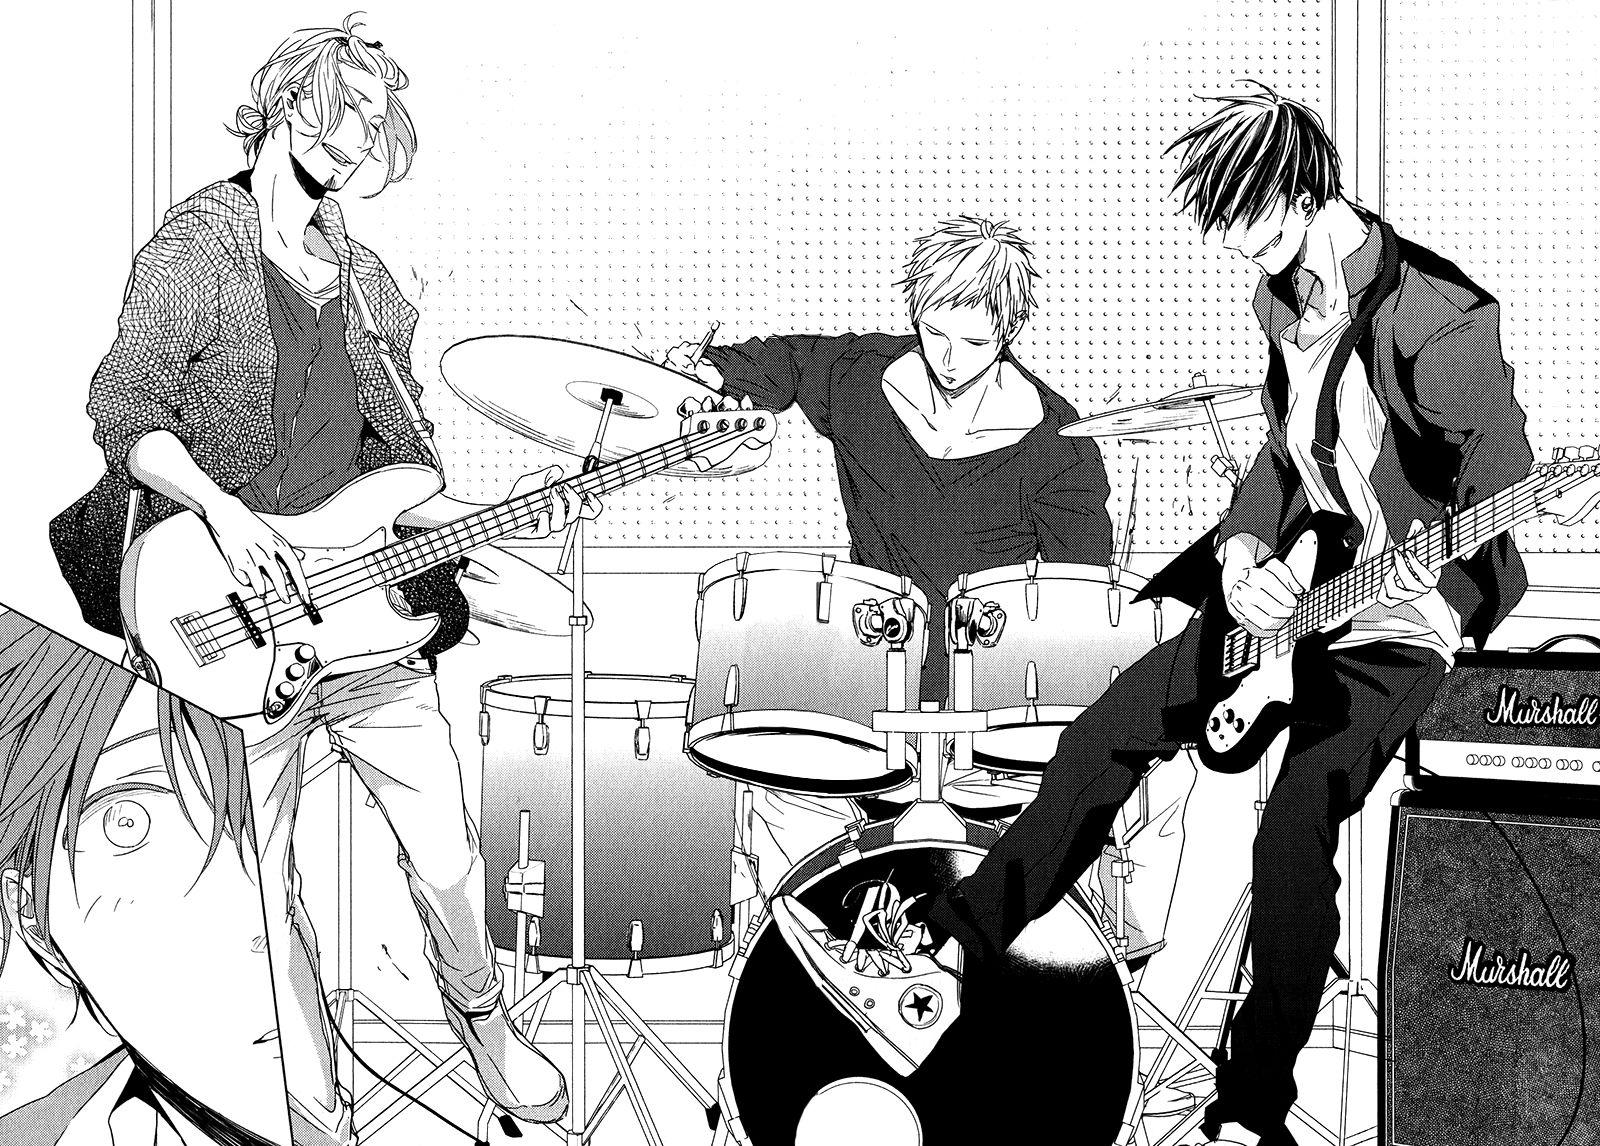 Given by Kizu Natsuki Dibujos, Arte de anime, Personajes